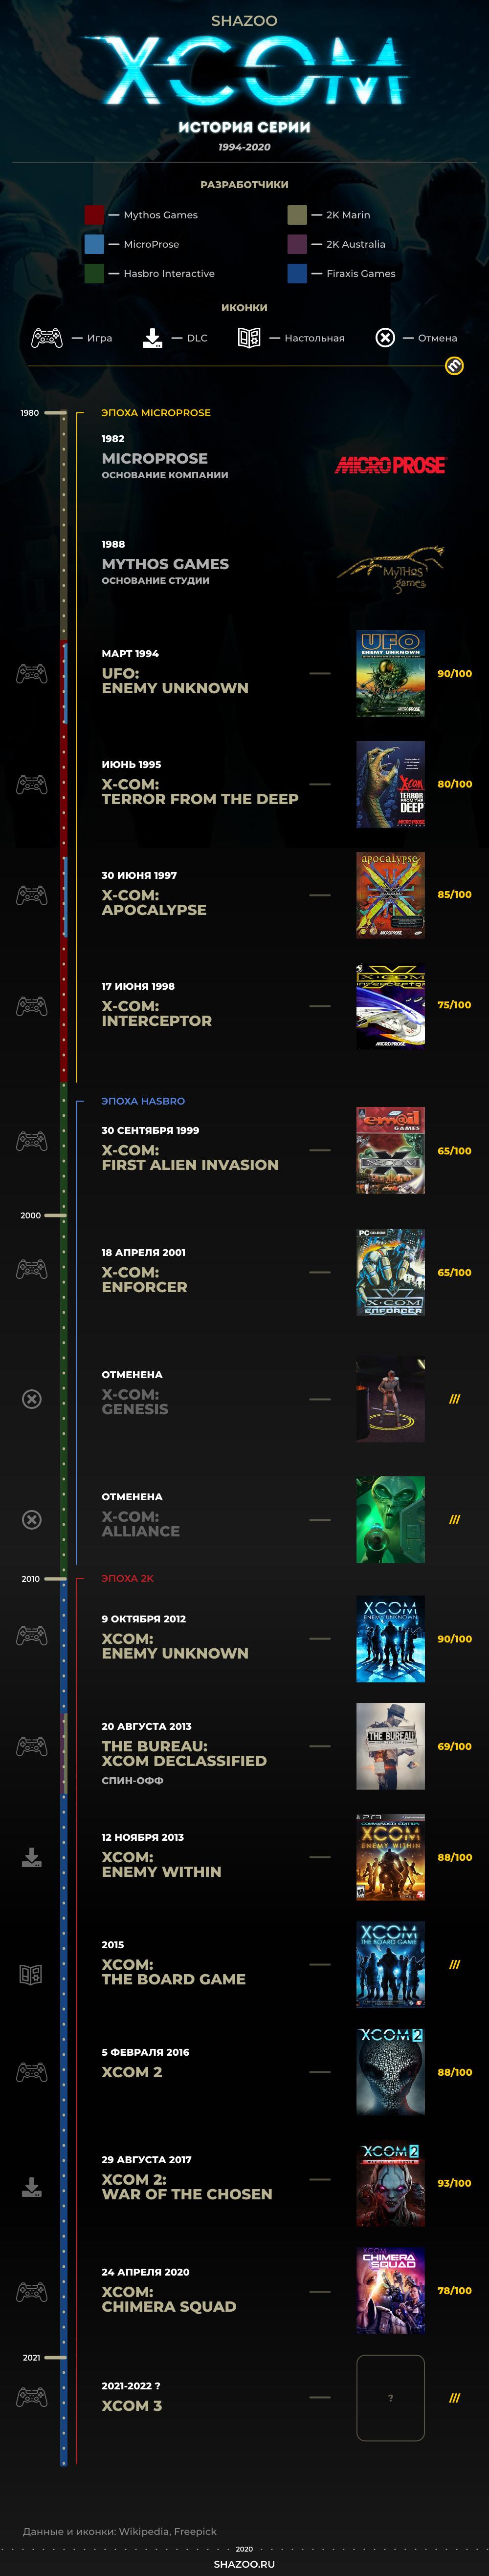 Инфографика: История серии XCOM